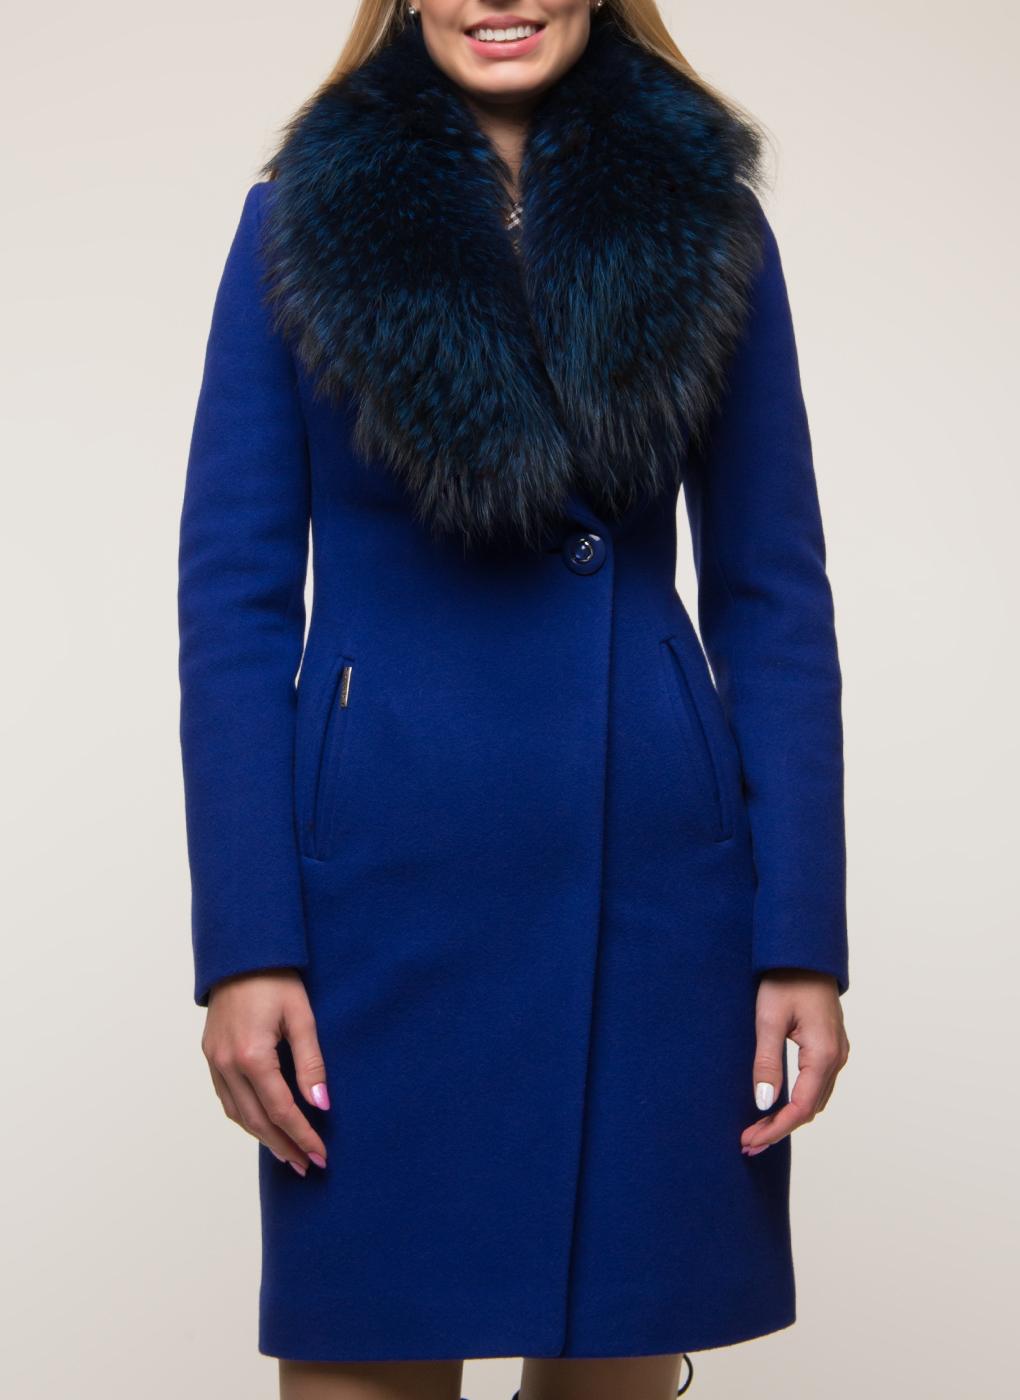 Пальто приталенное шерстяное 58, idekka фото